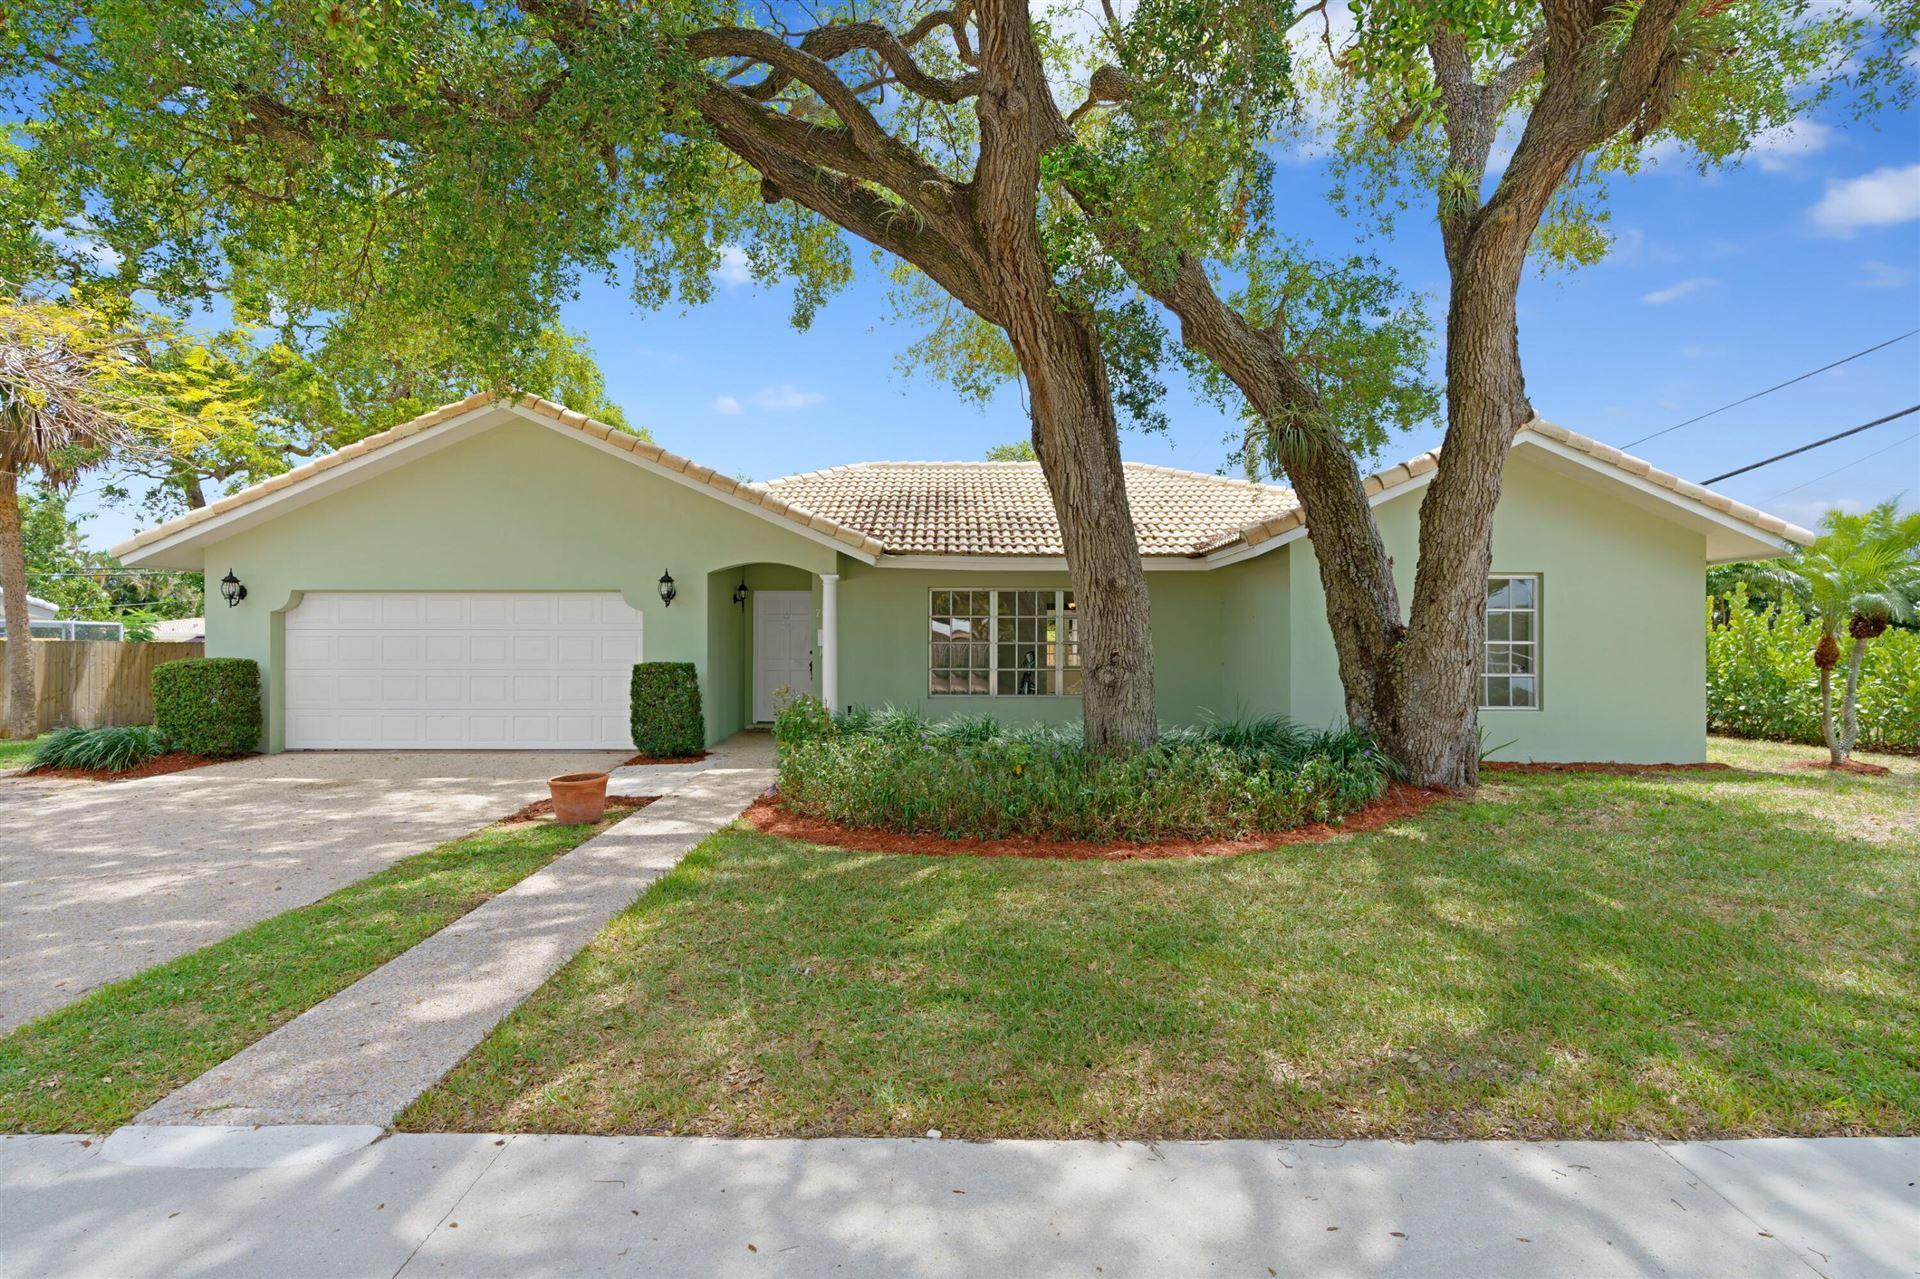 700 SW 9th Avenue, Boca Raton, FL 33486 - MLS#: RX-10713369